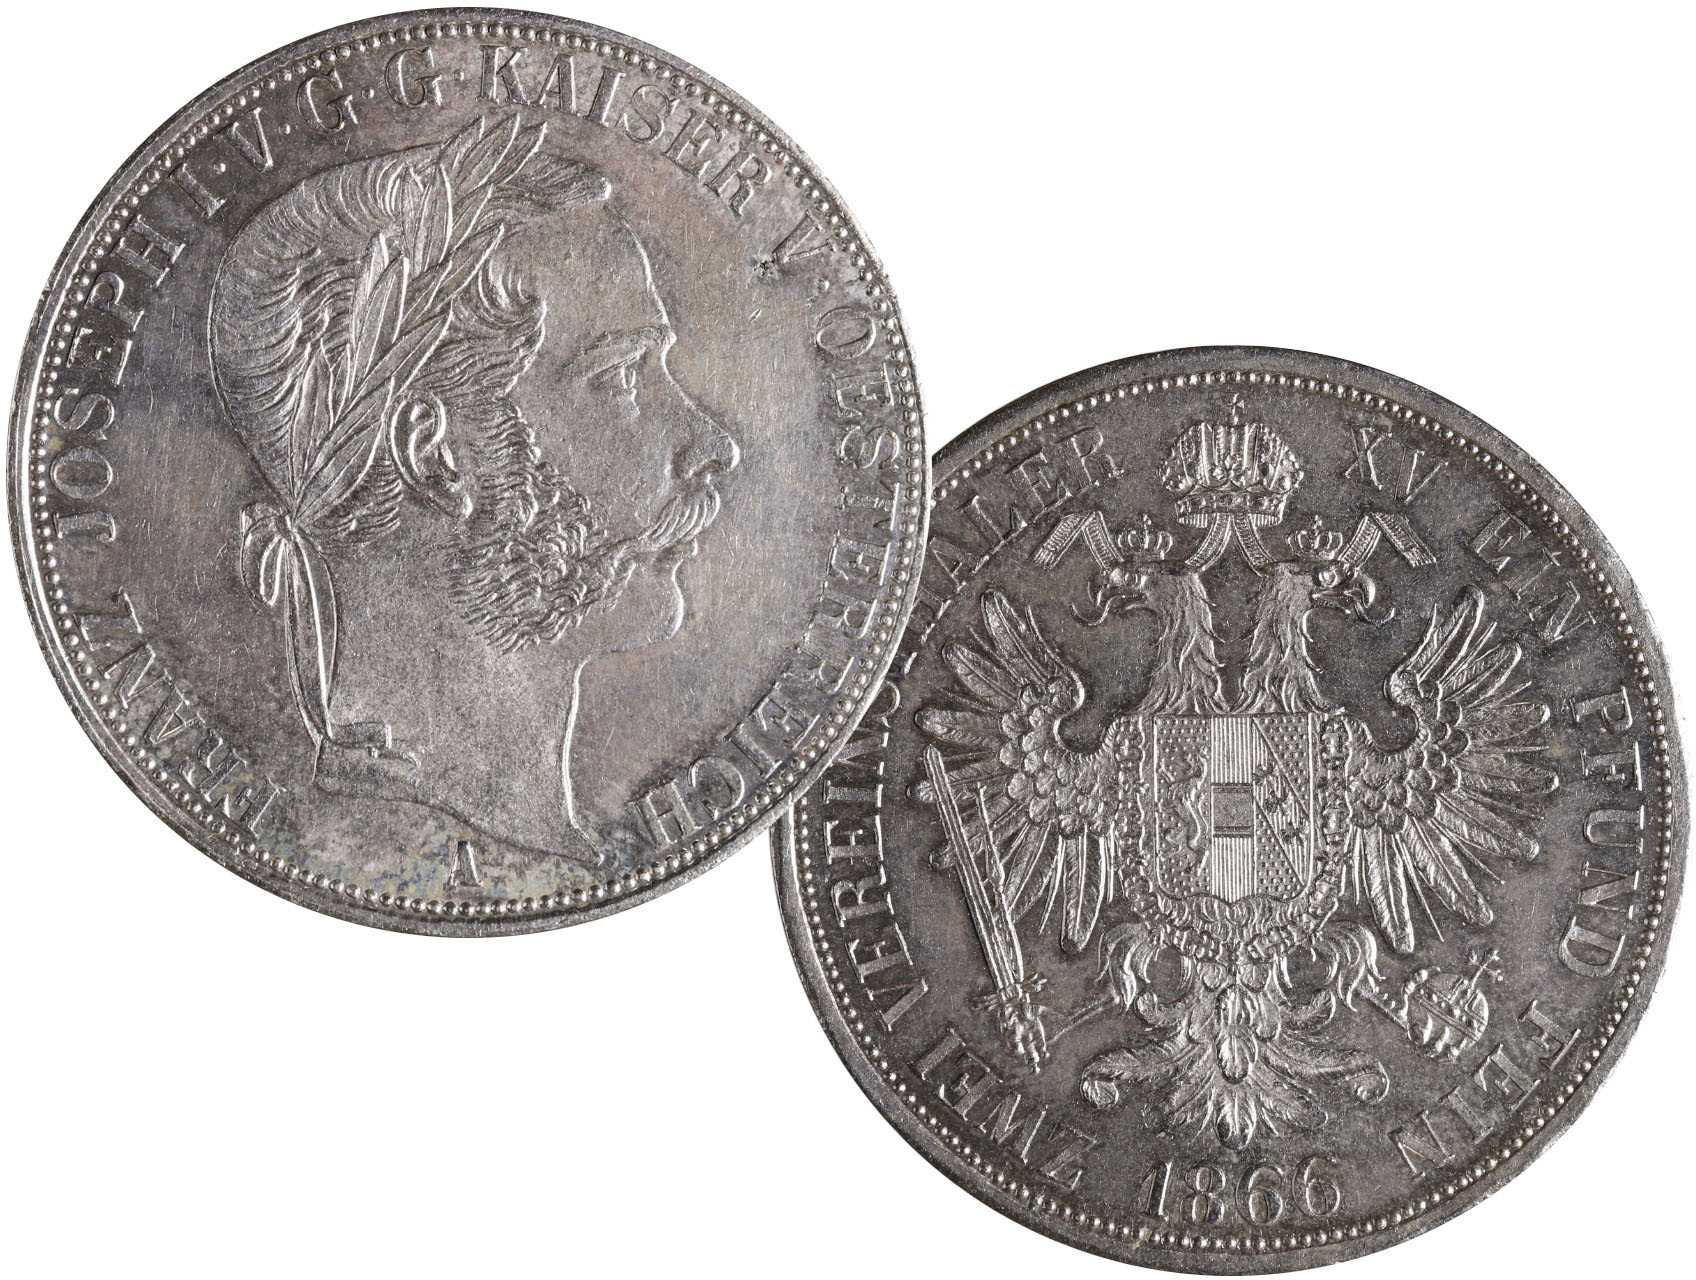 František Josef I. 1848-1916 - Spolkový dvoutolar 1866 A, raženo 10395 ks. N57